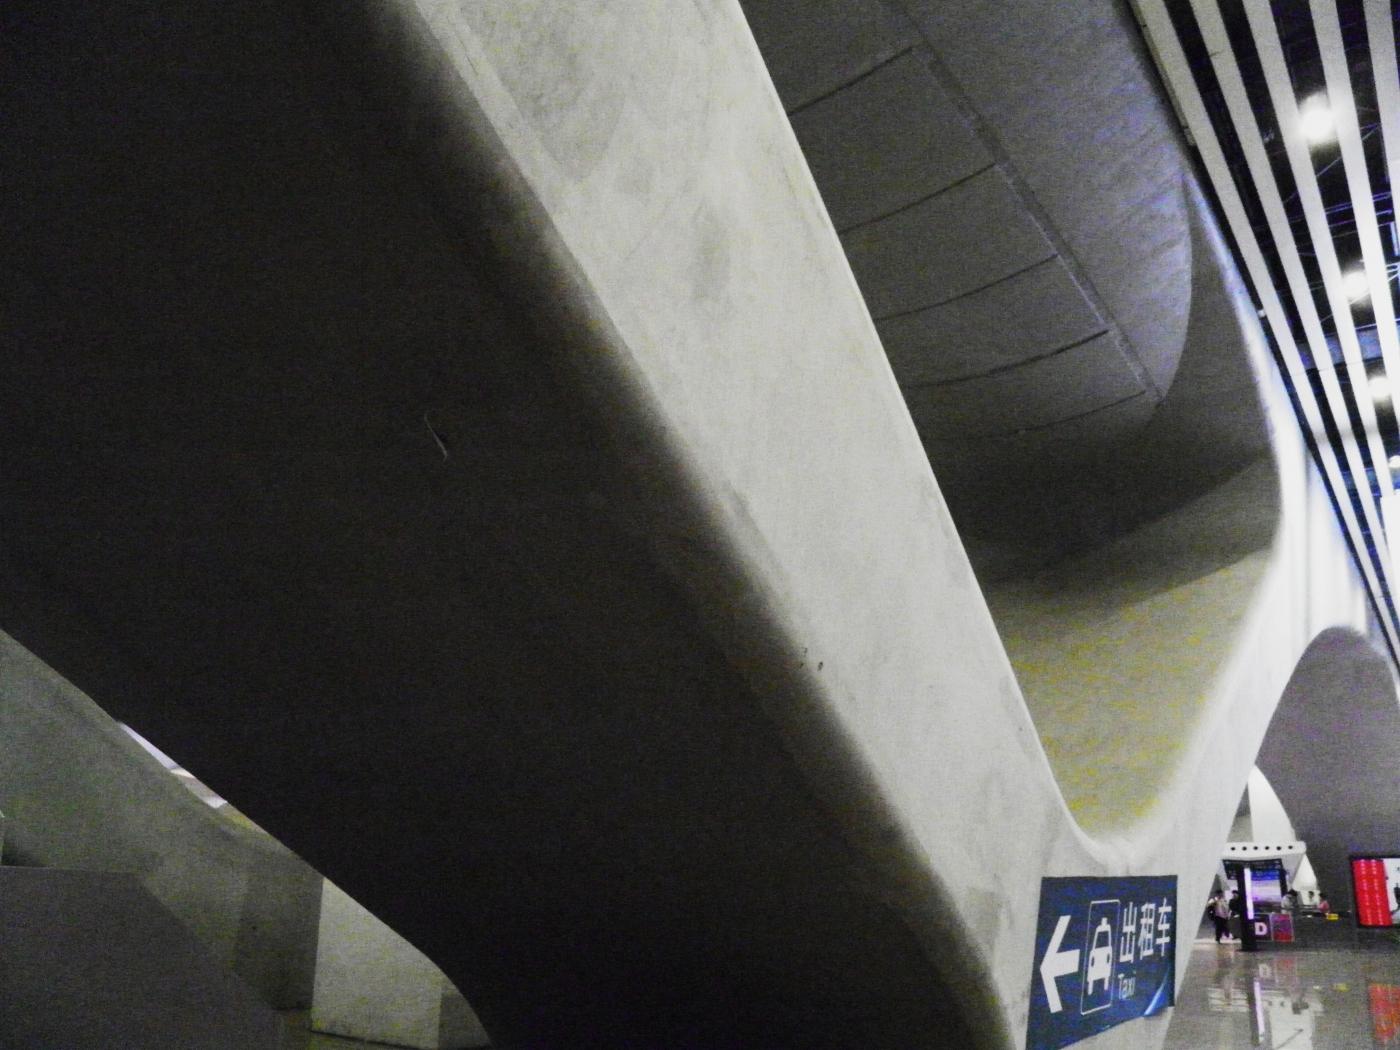 鲸鱼肚里发飞梭-广州南站_图1-4